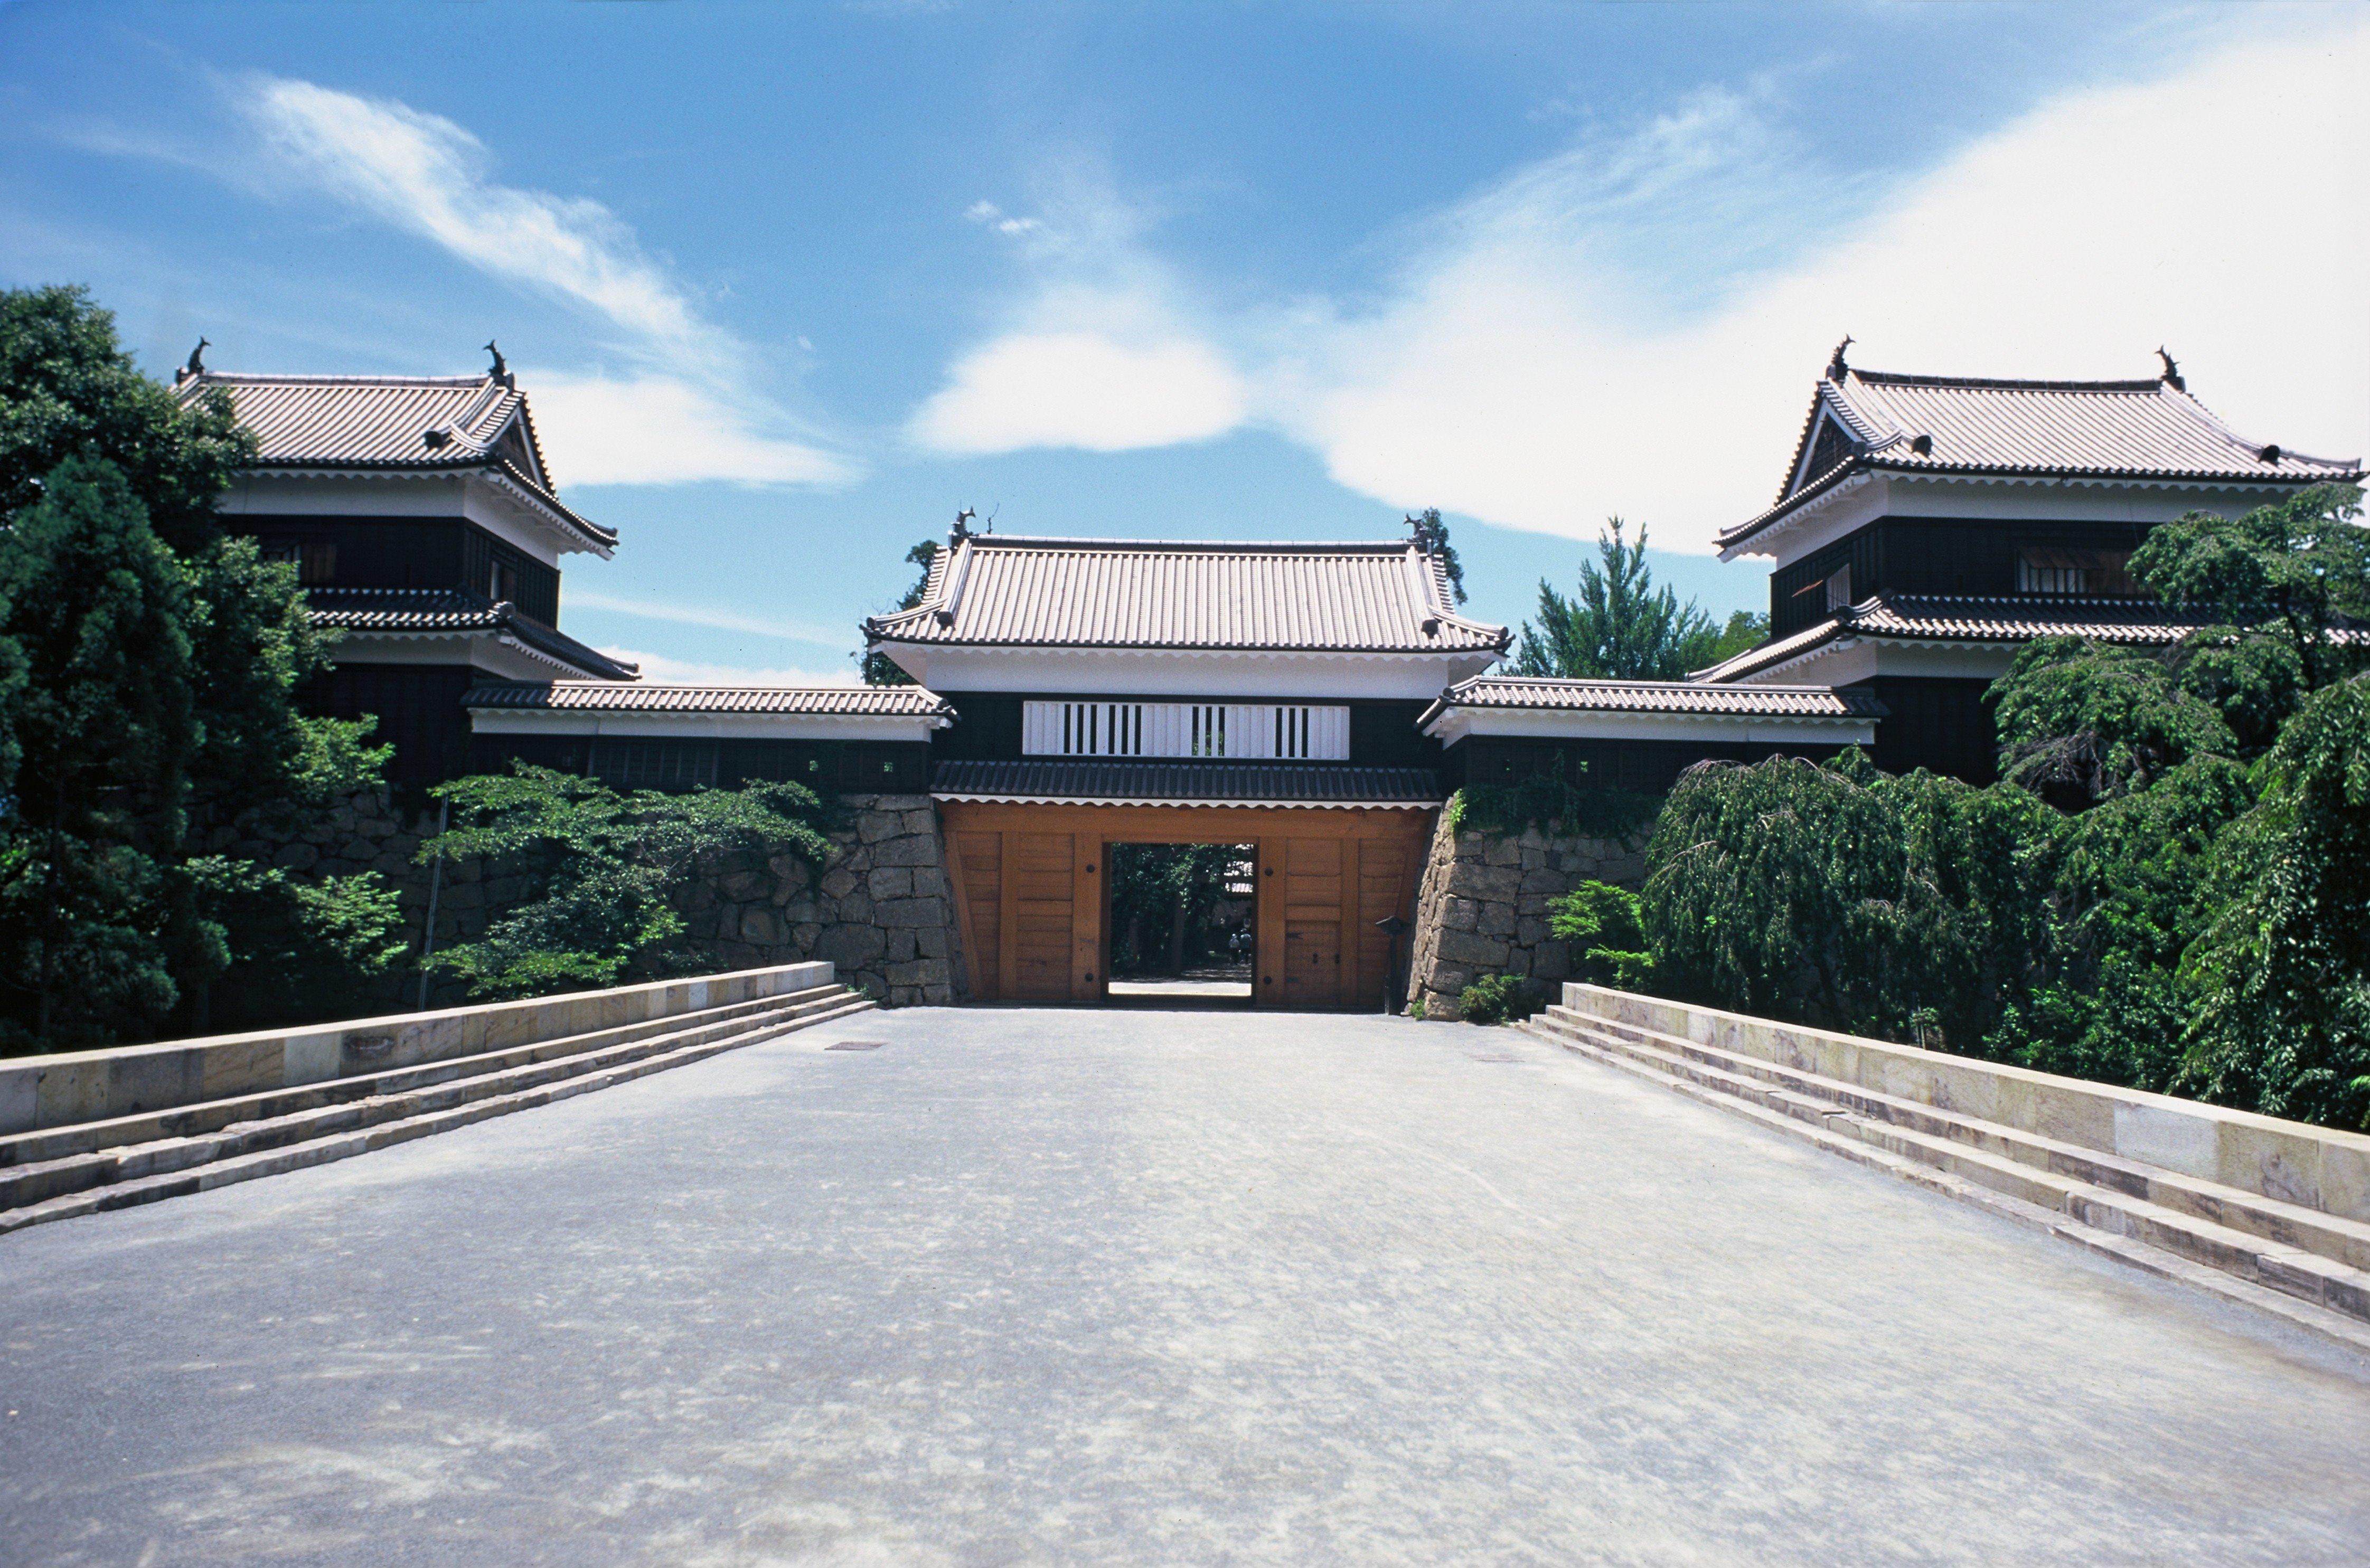 上田城の櫓、10億円寄付で復元目指すが資料が足りない。市教委が募集「些細なことでも構いません」